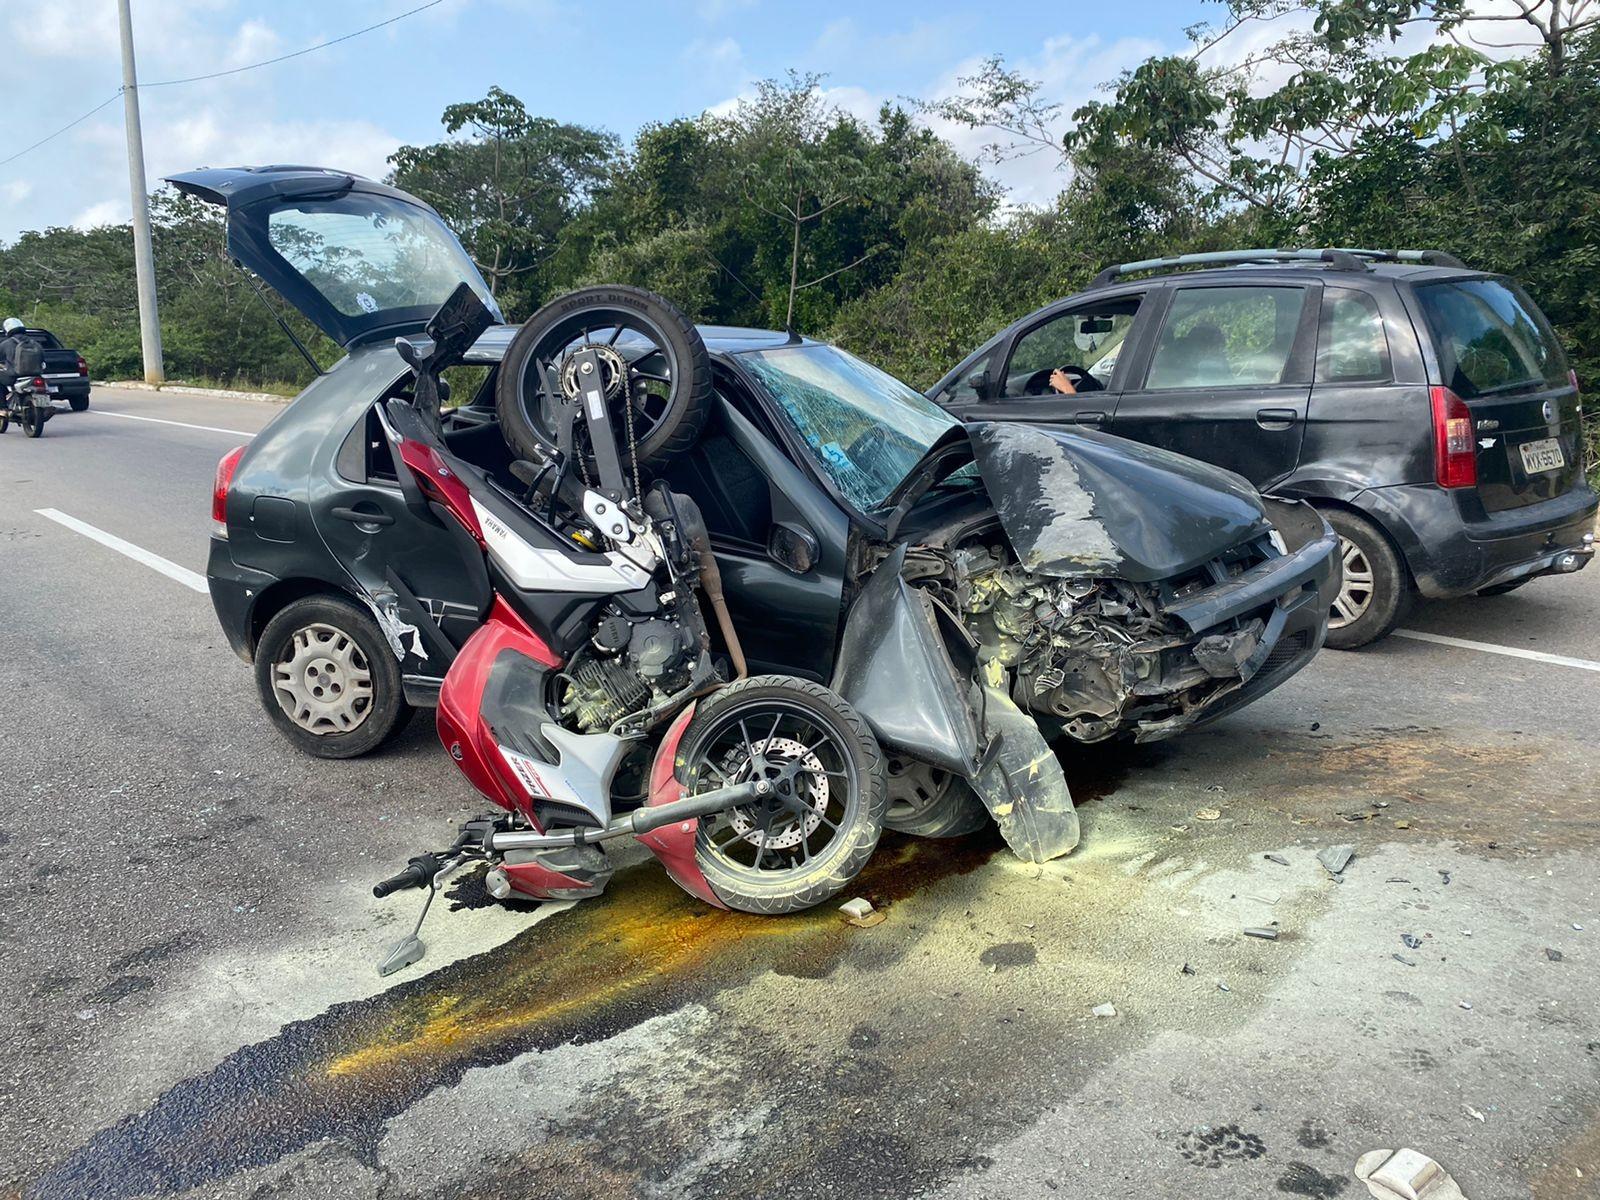 Motorista perde o controle do carro, bate em poste e colide em moto em Parnamirim